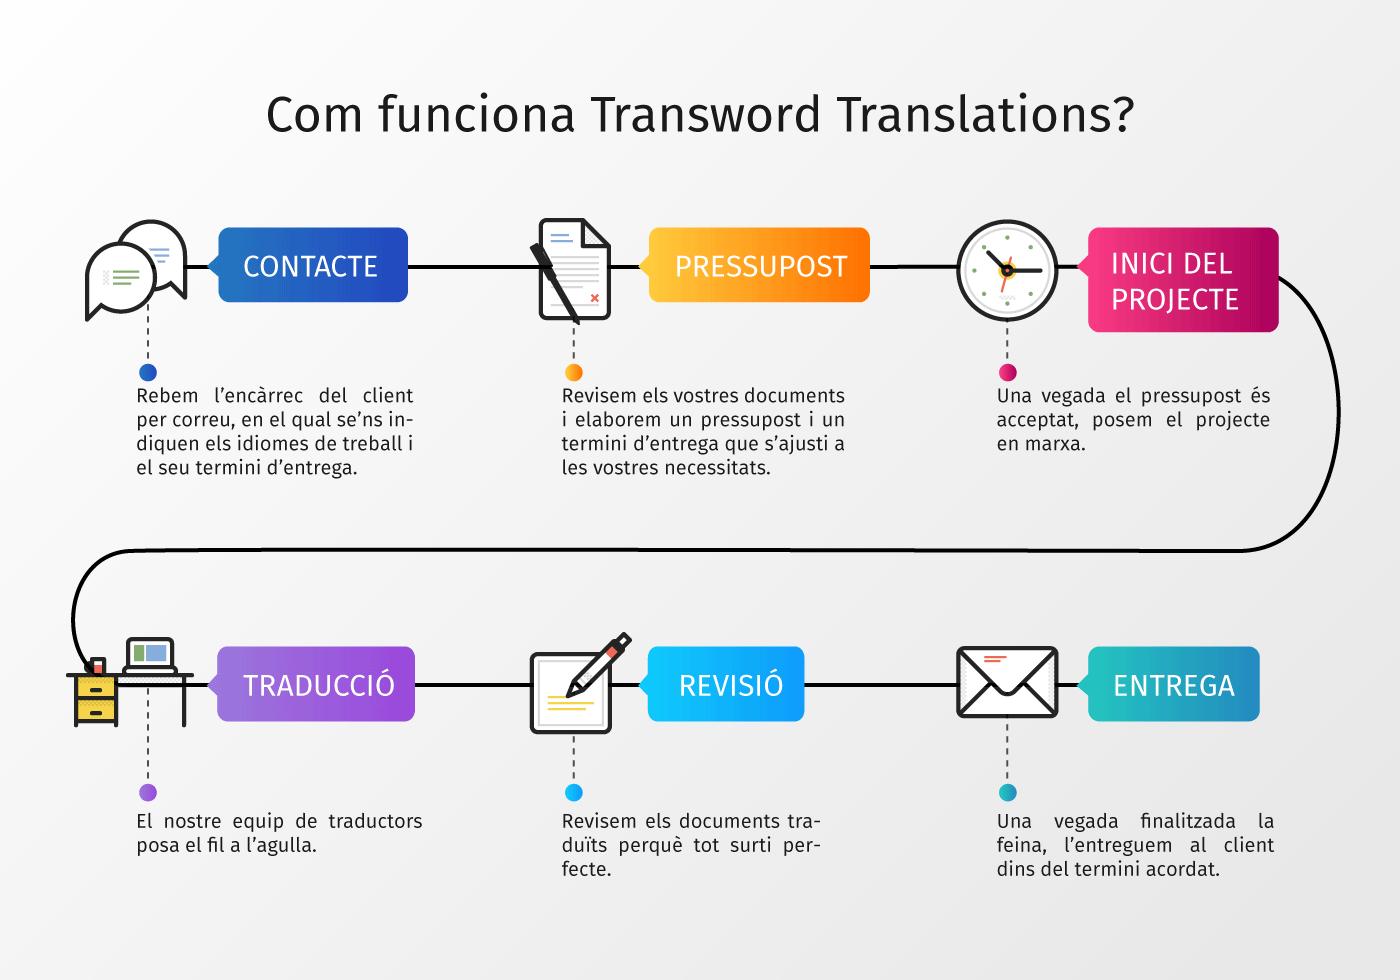 Com funciona Transword Translations?